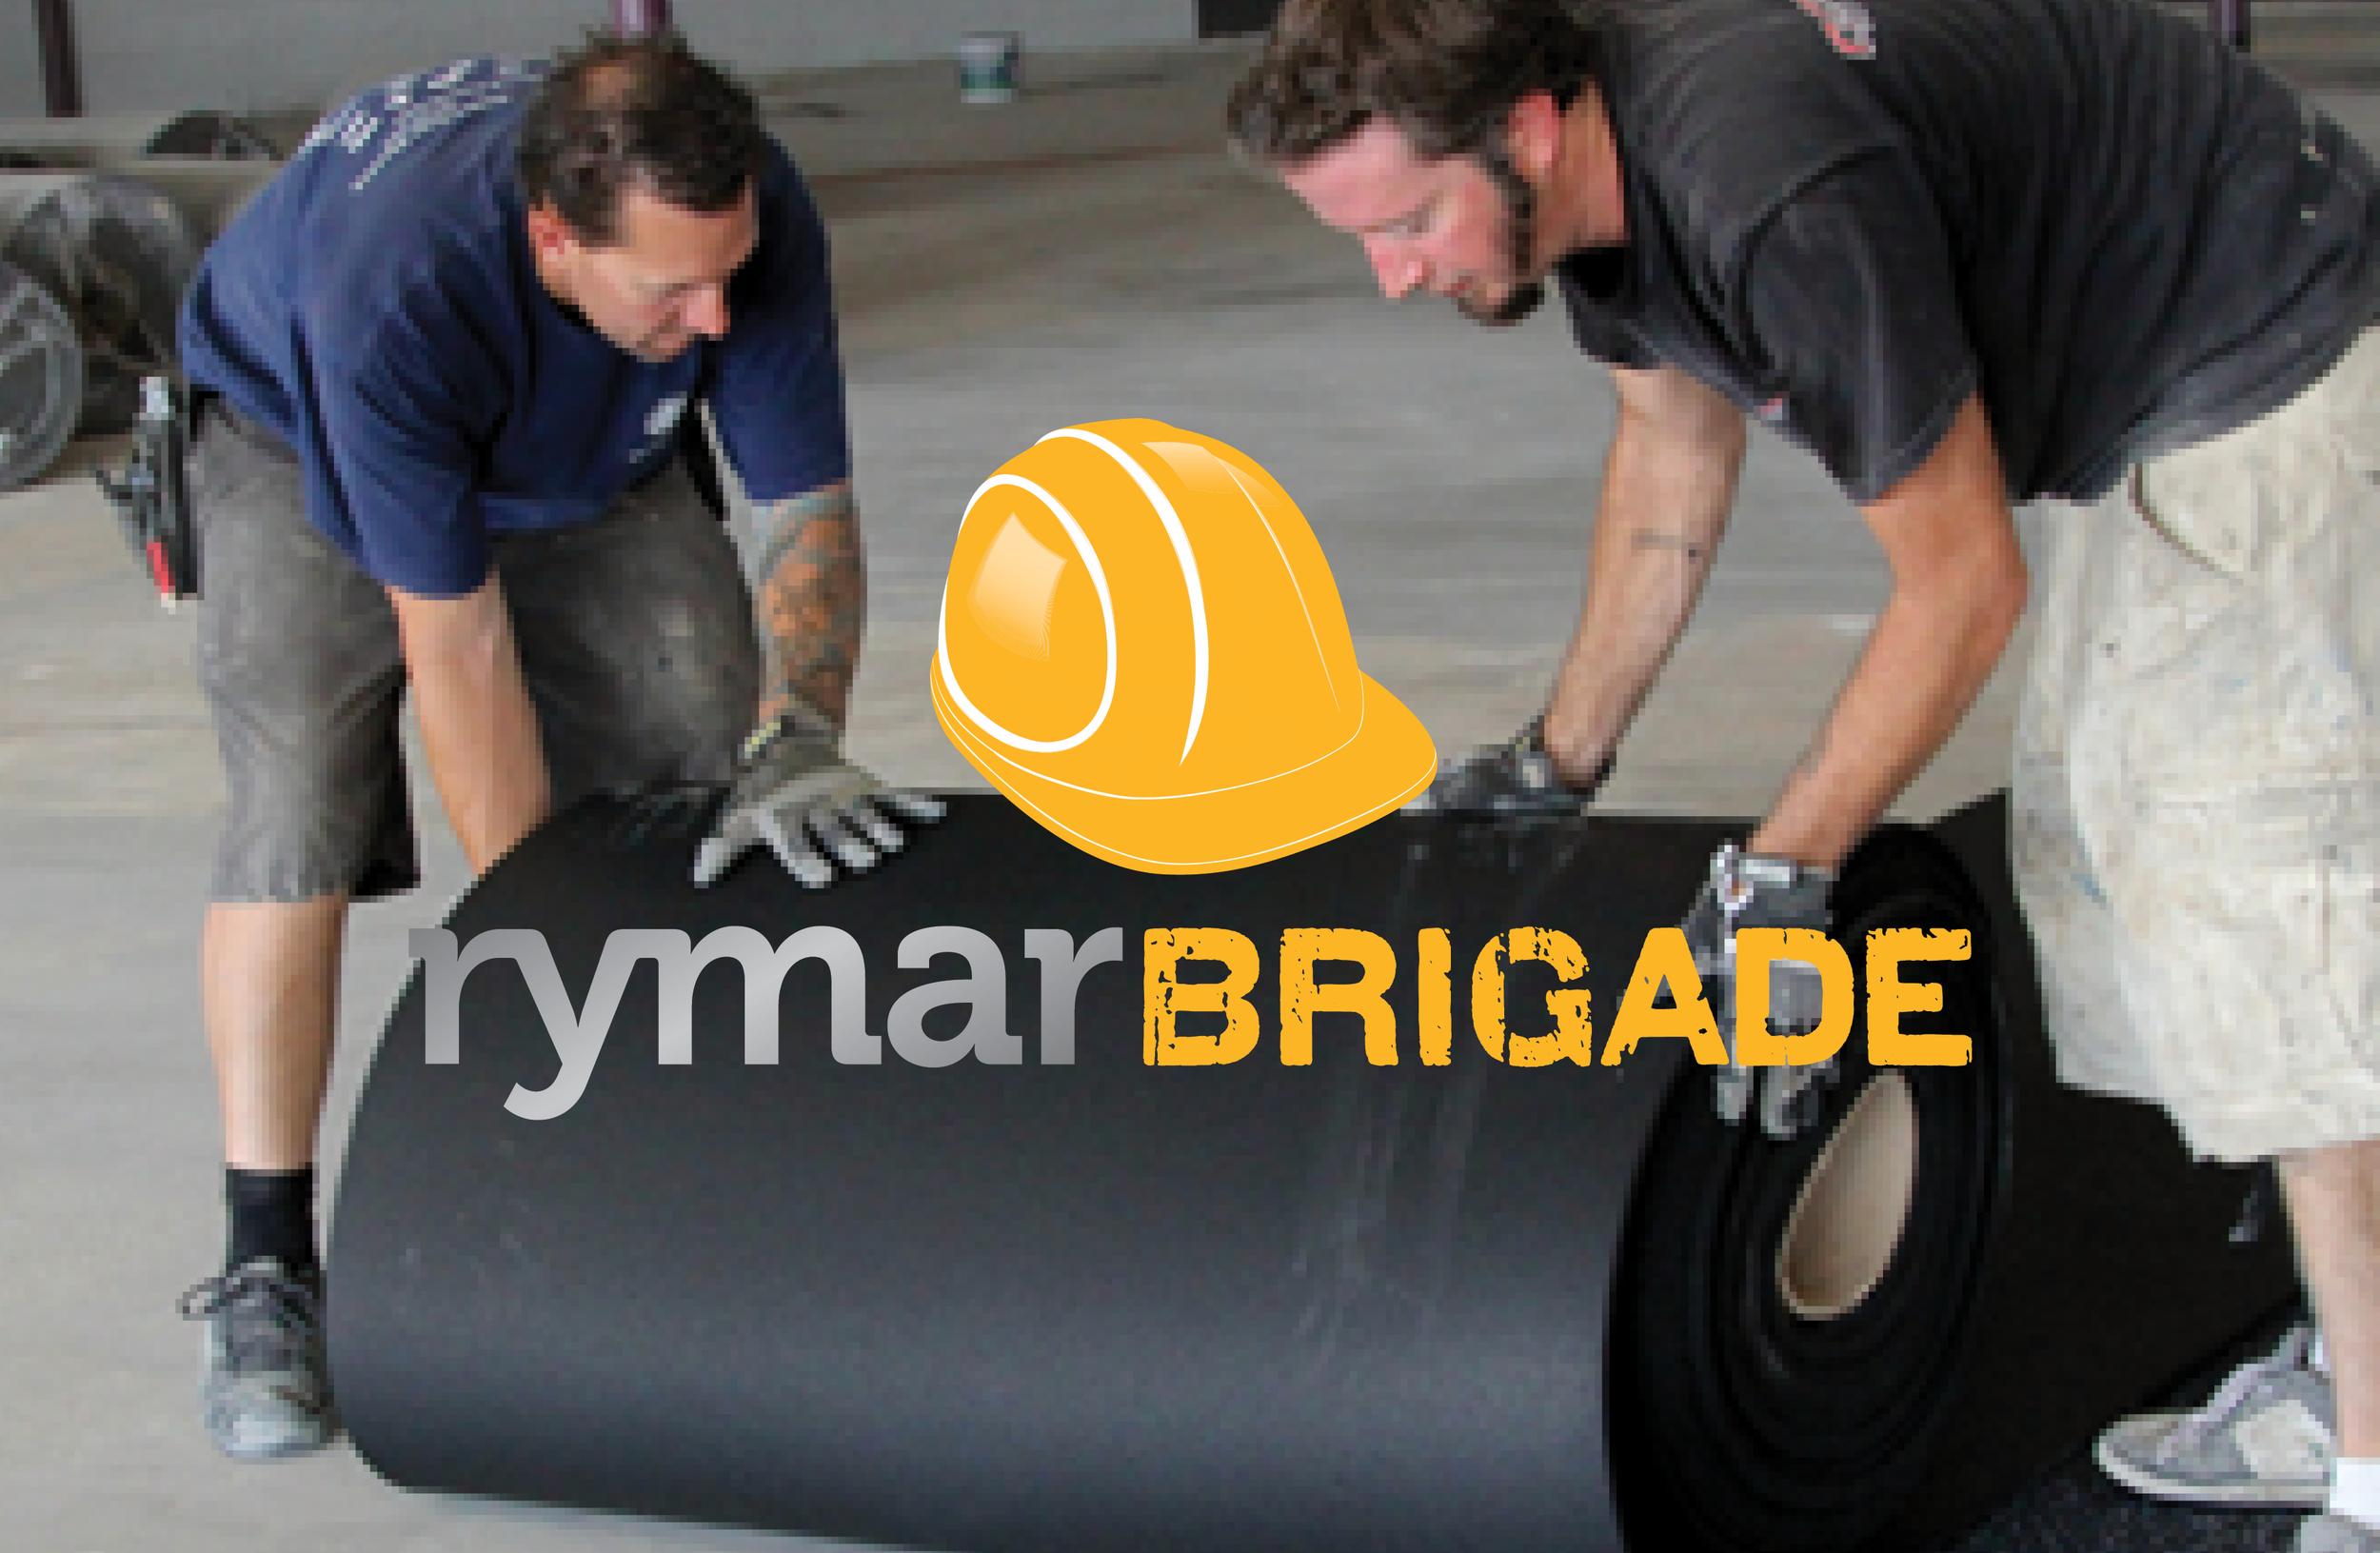 Rymar-Rubber-Brigade-Contractors-Installers-Needed-4